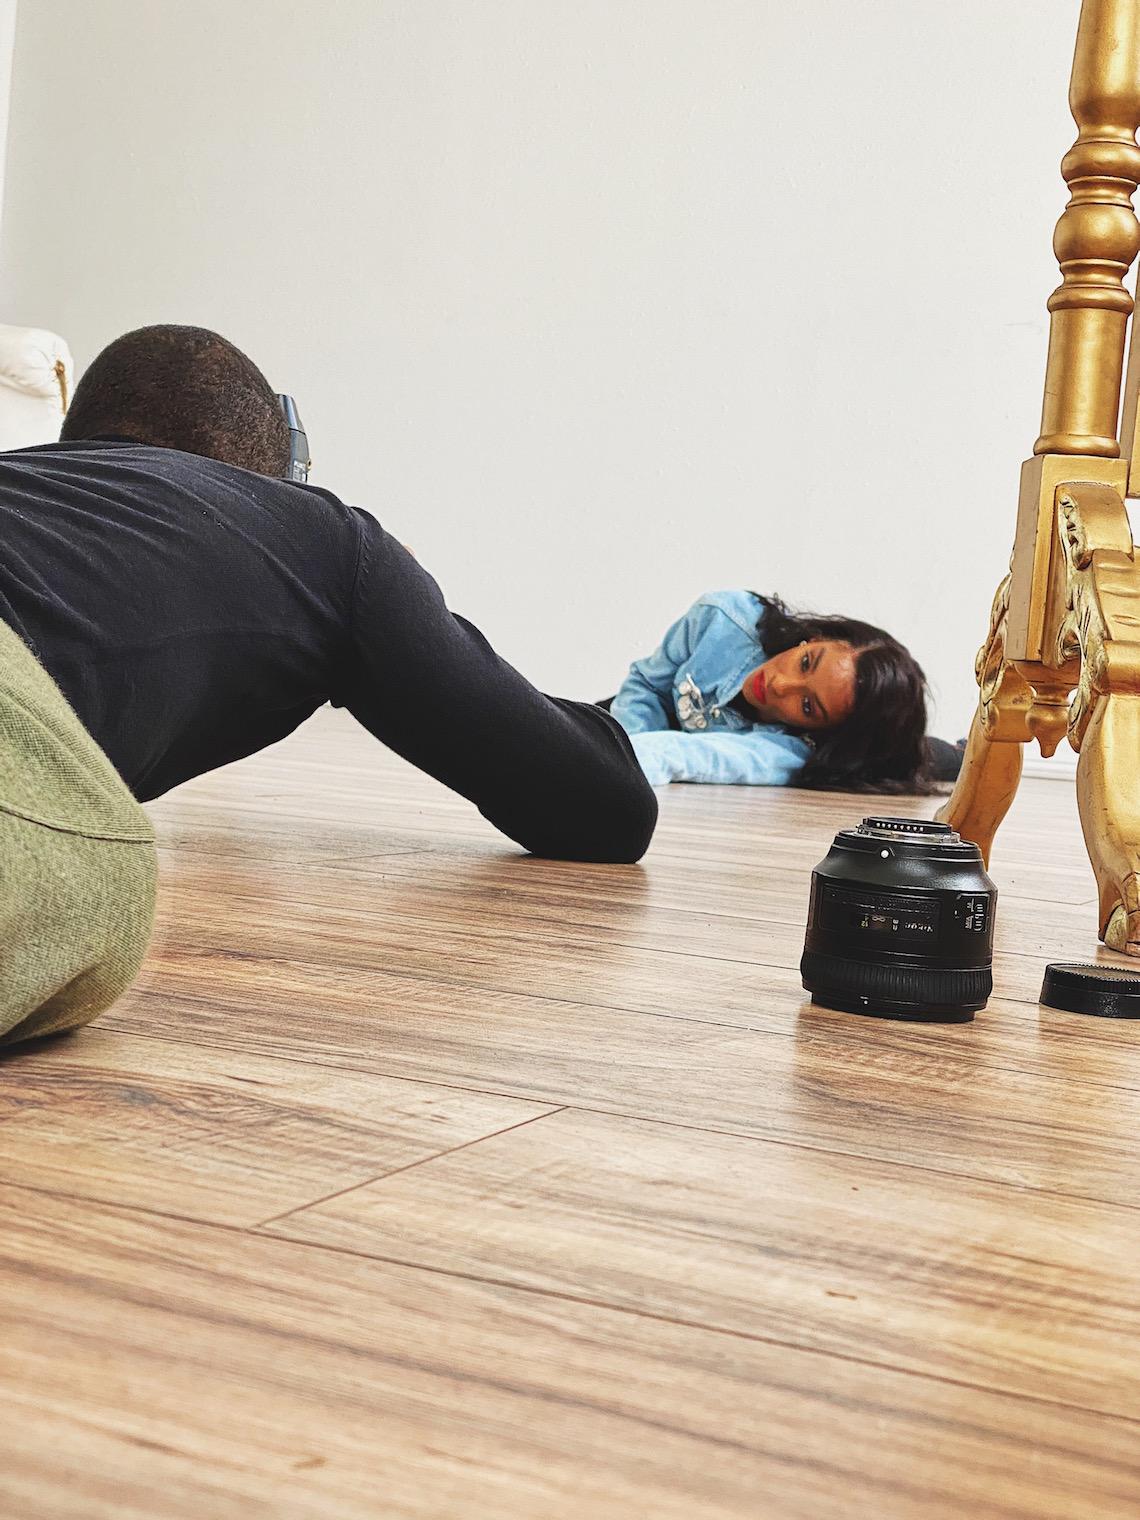 sheldon botler-photo shoot-floor angle-modeling